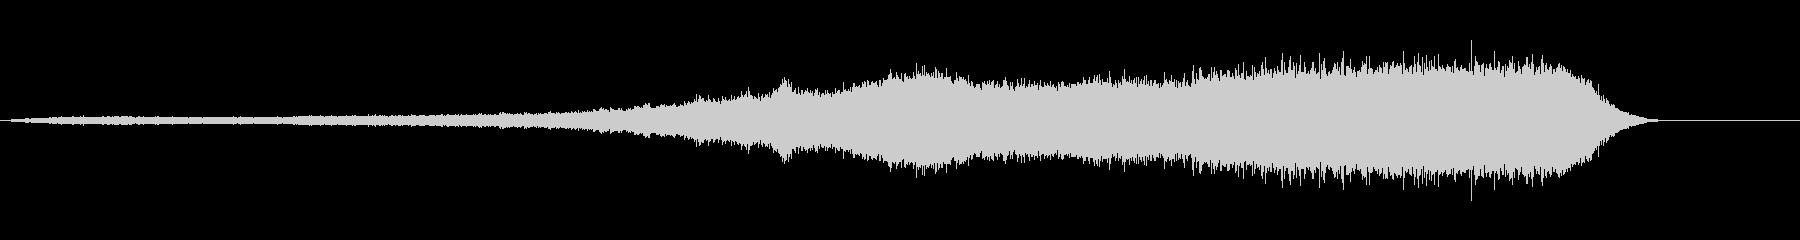 セスナの引用:外部:2番目のエンジ...の未再生の波形